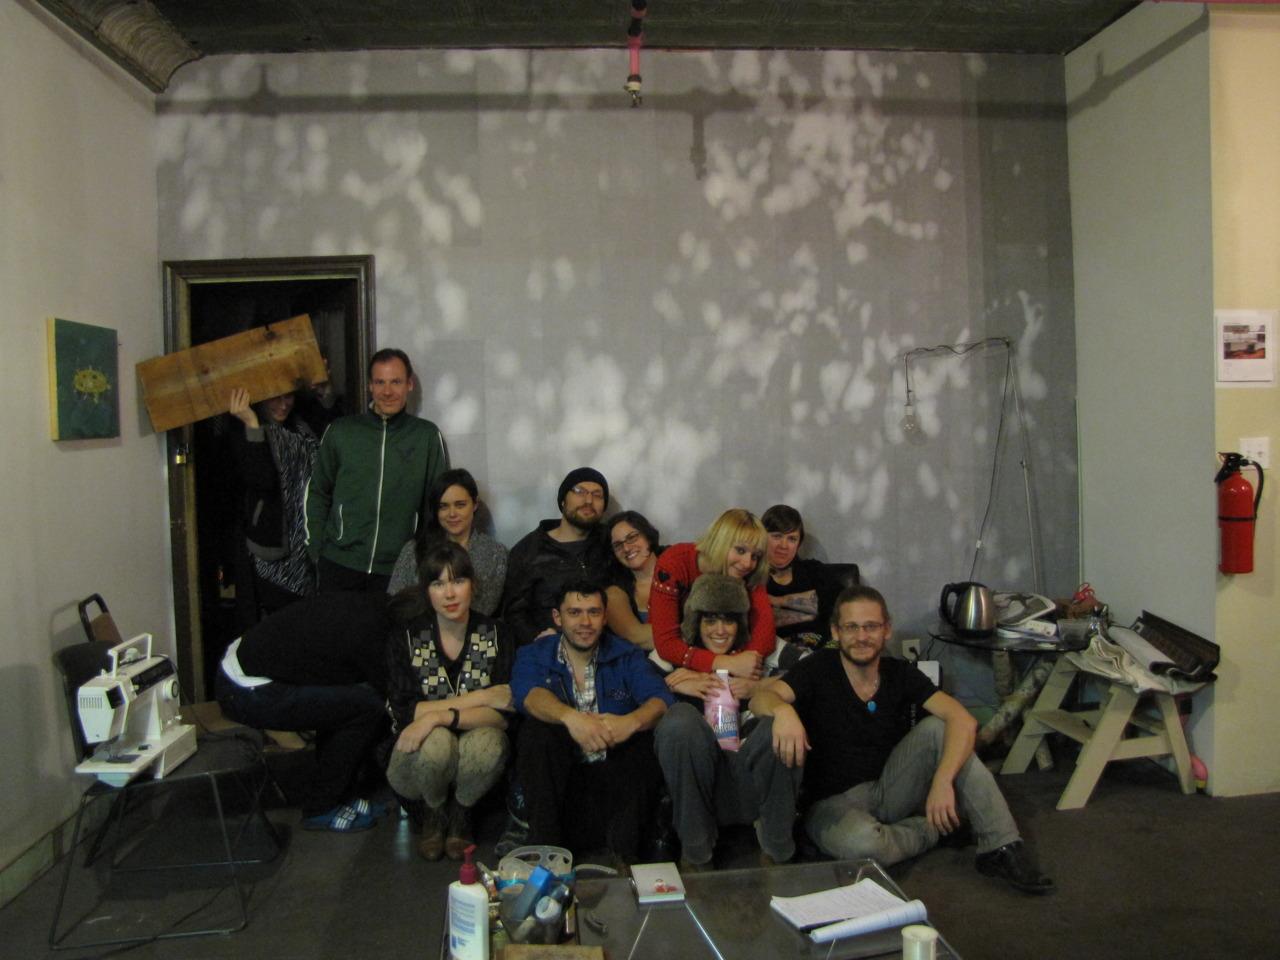 Flux Factory. 11.22.10